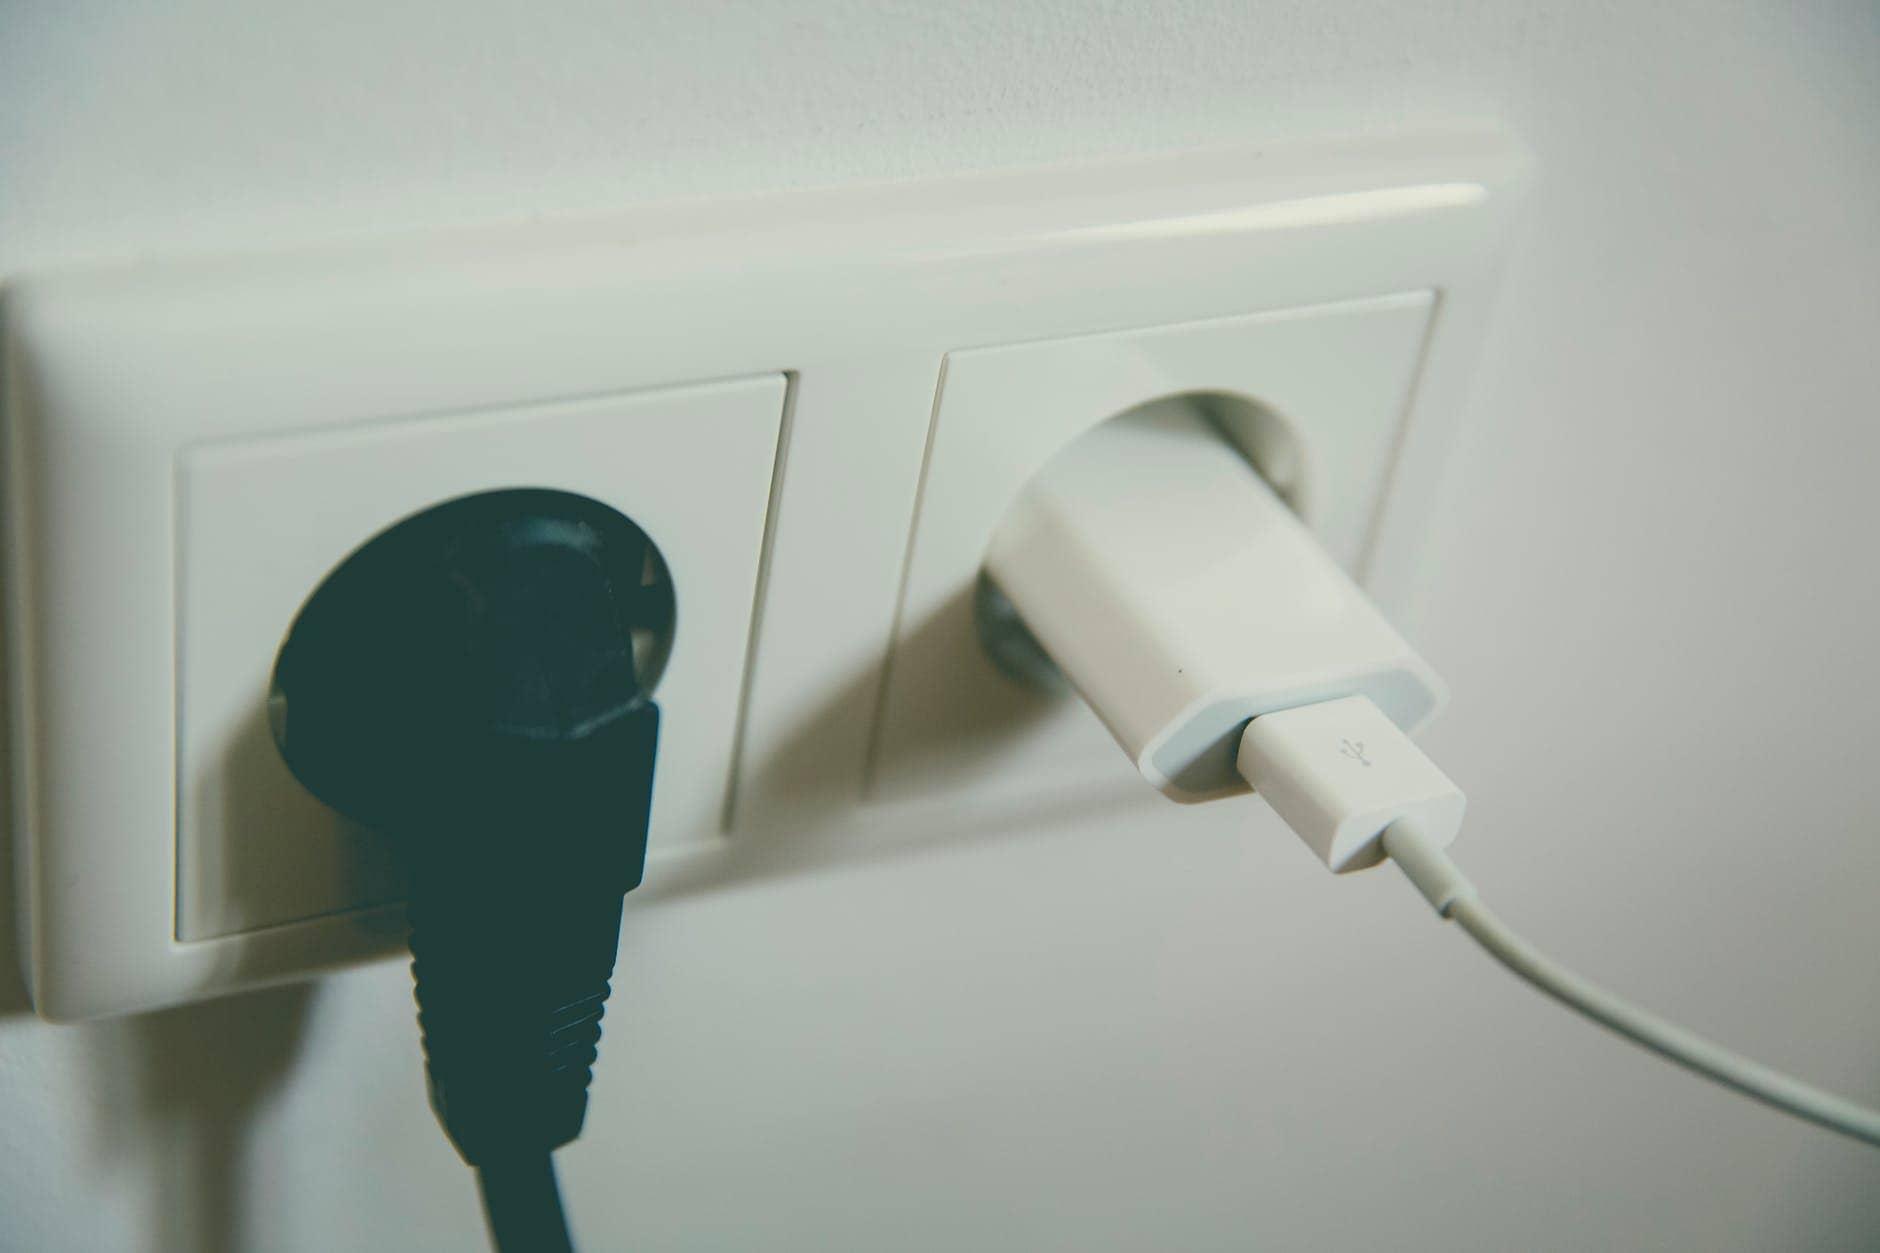 پریز برق یکی از نکات در اجاره خانه